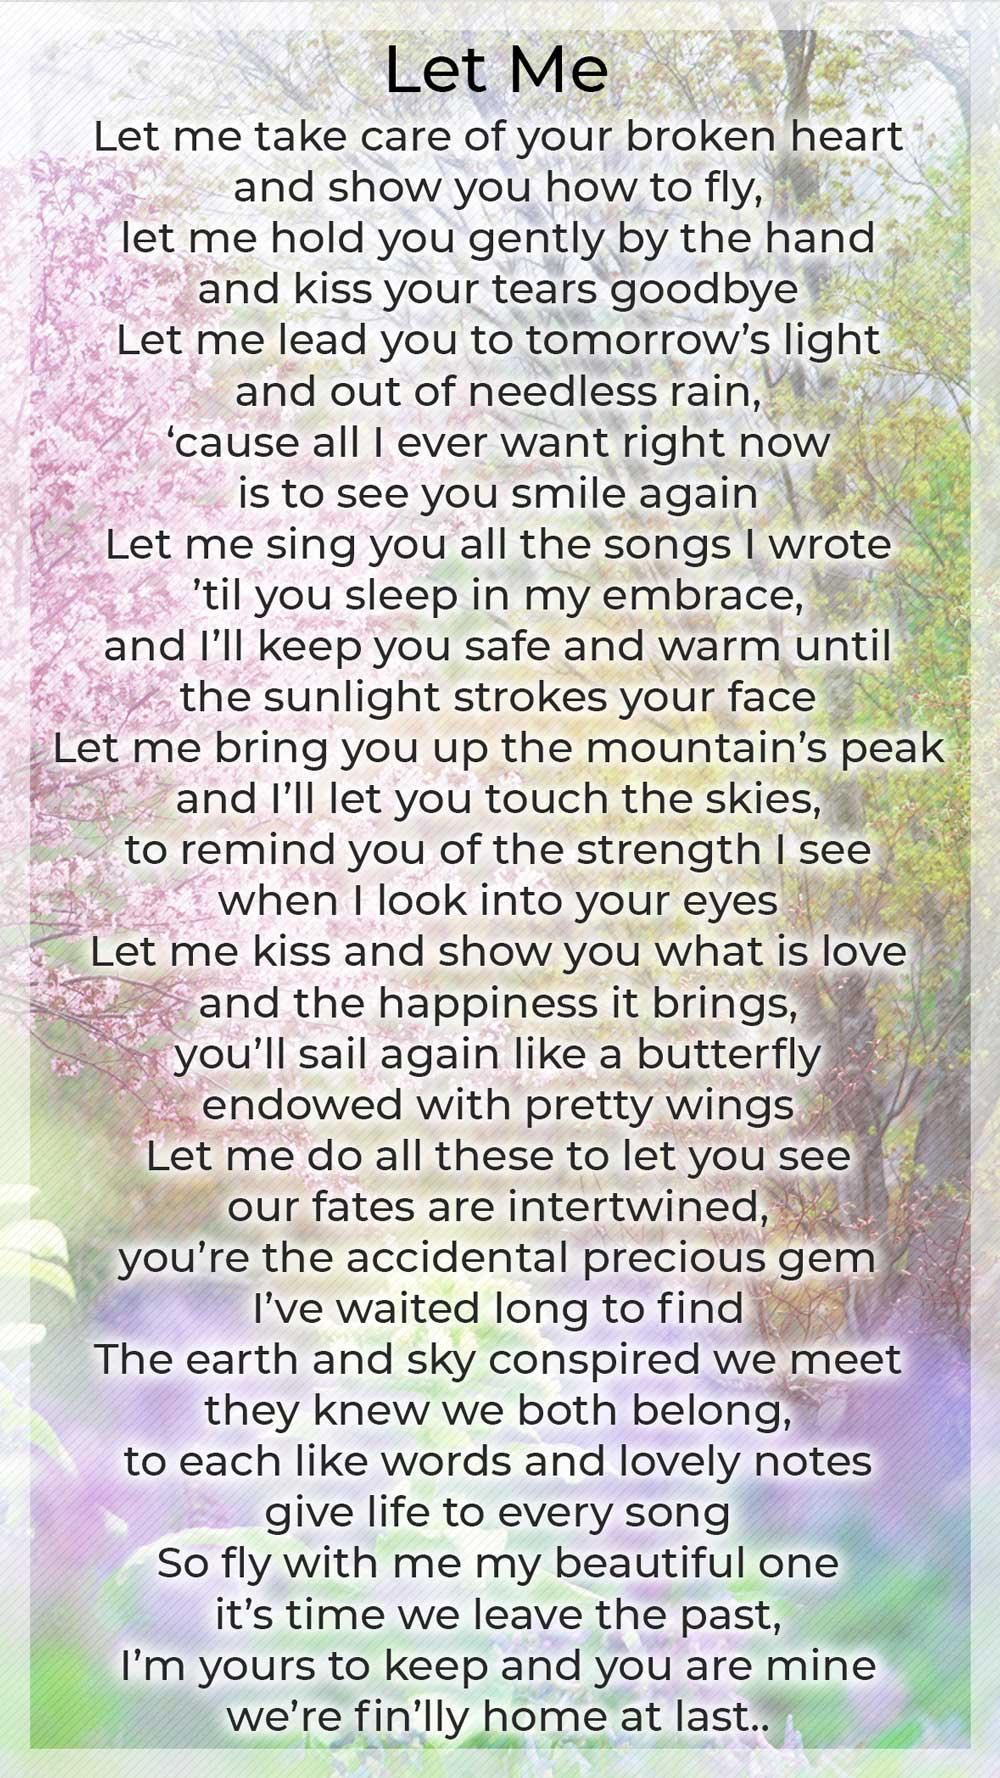 Let Me • a poem by Randy Batiquin